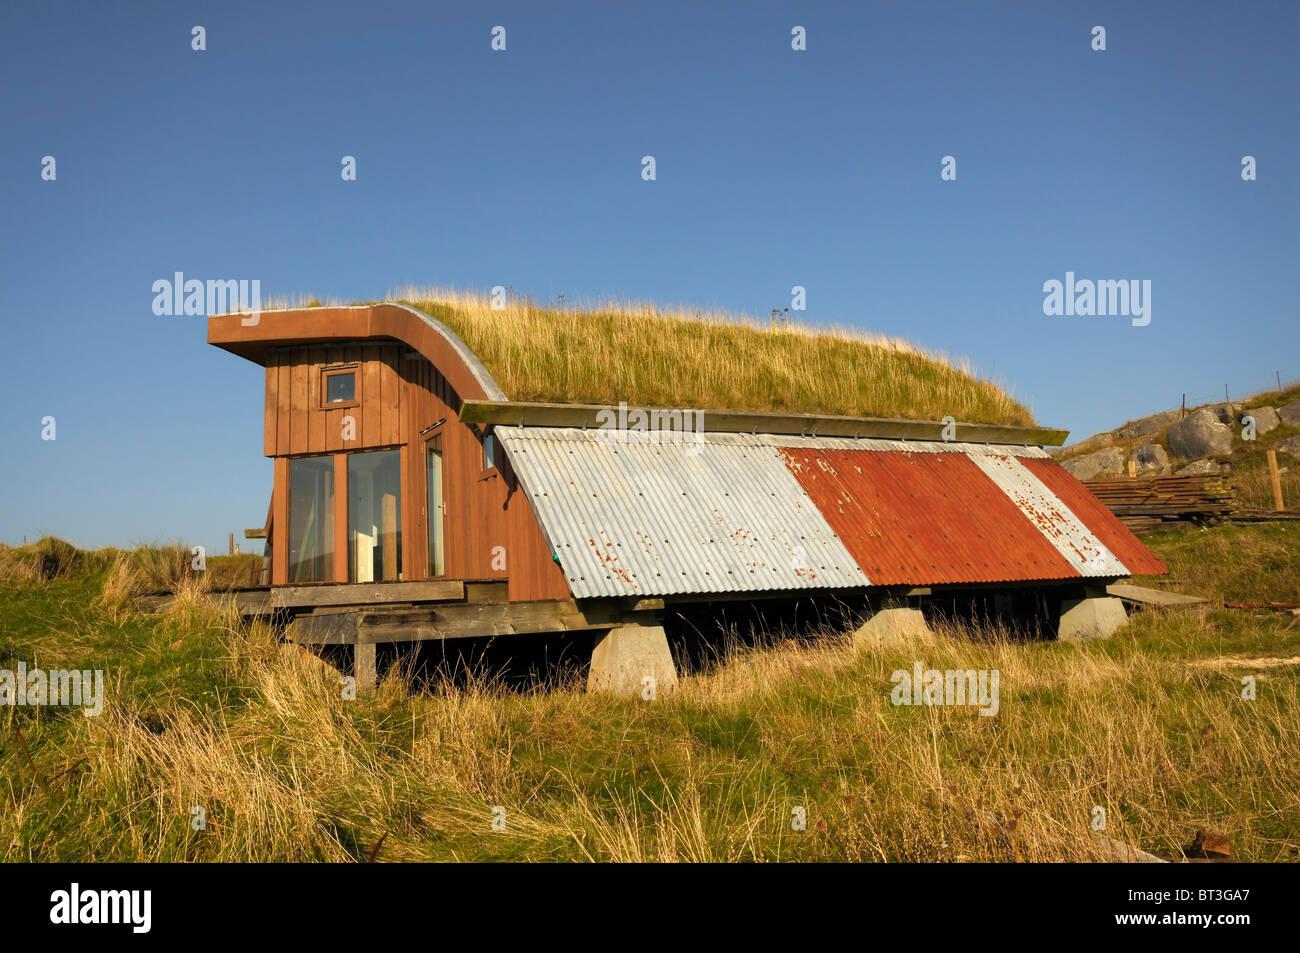 Eco/alternativa casa construida con materiales nuevos y regenerados con un techo de césped Imagen De Stock